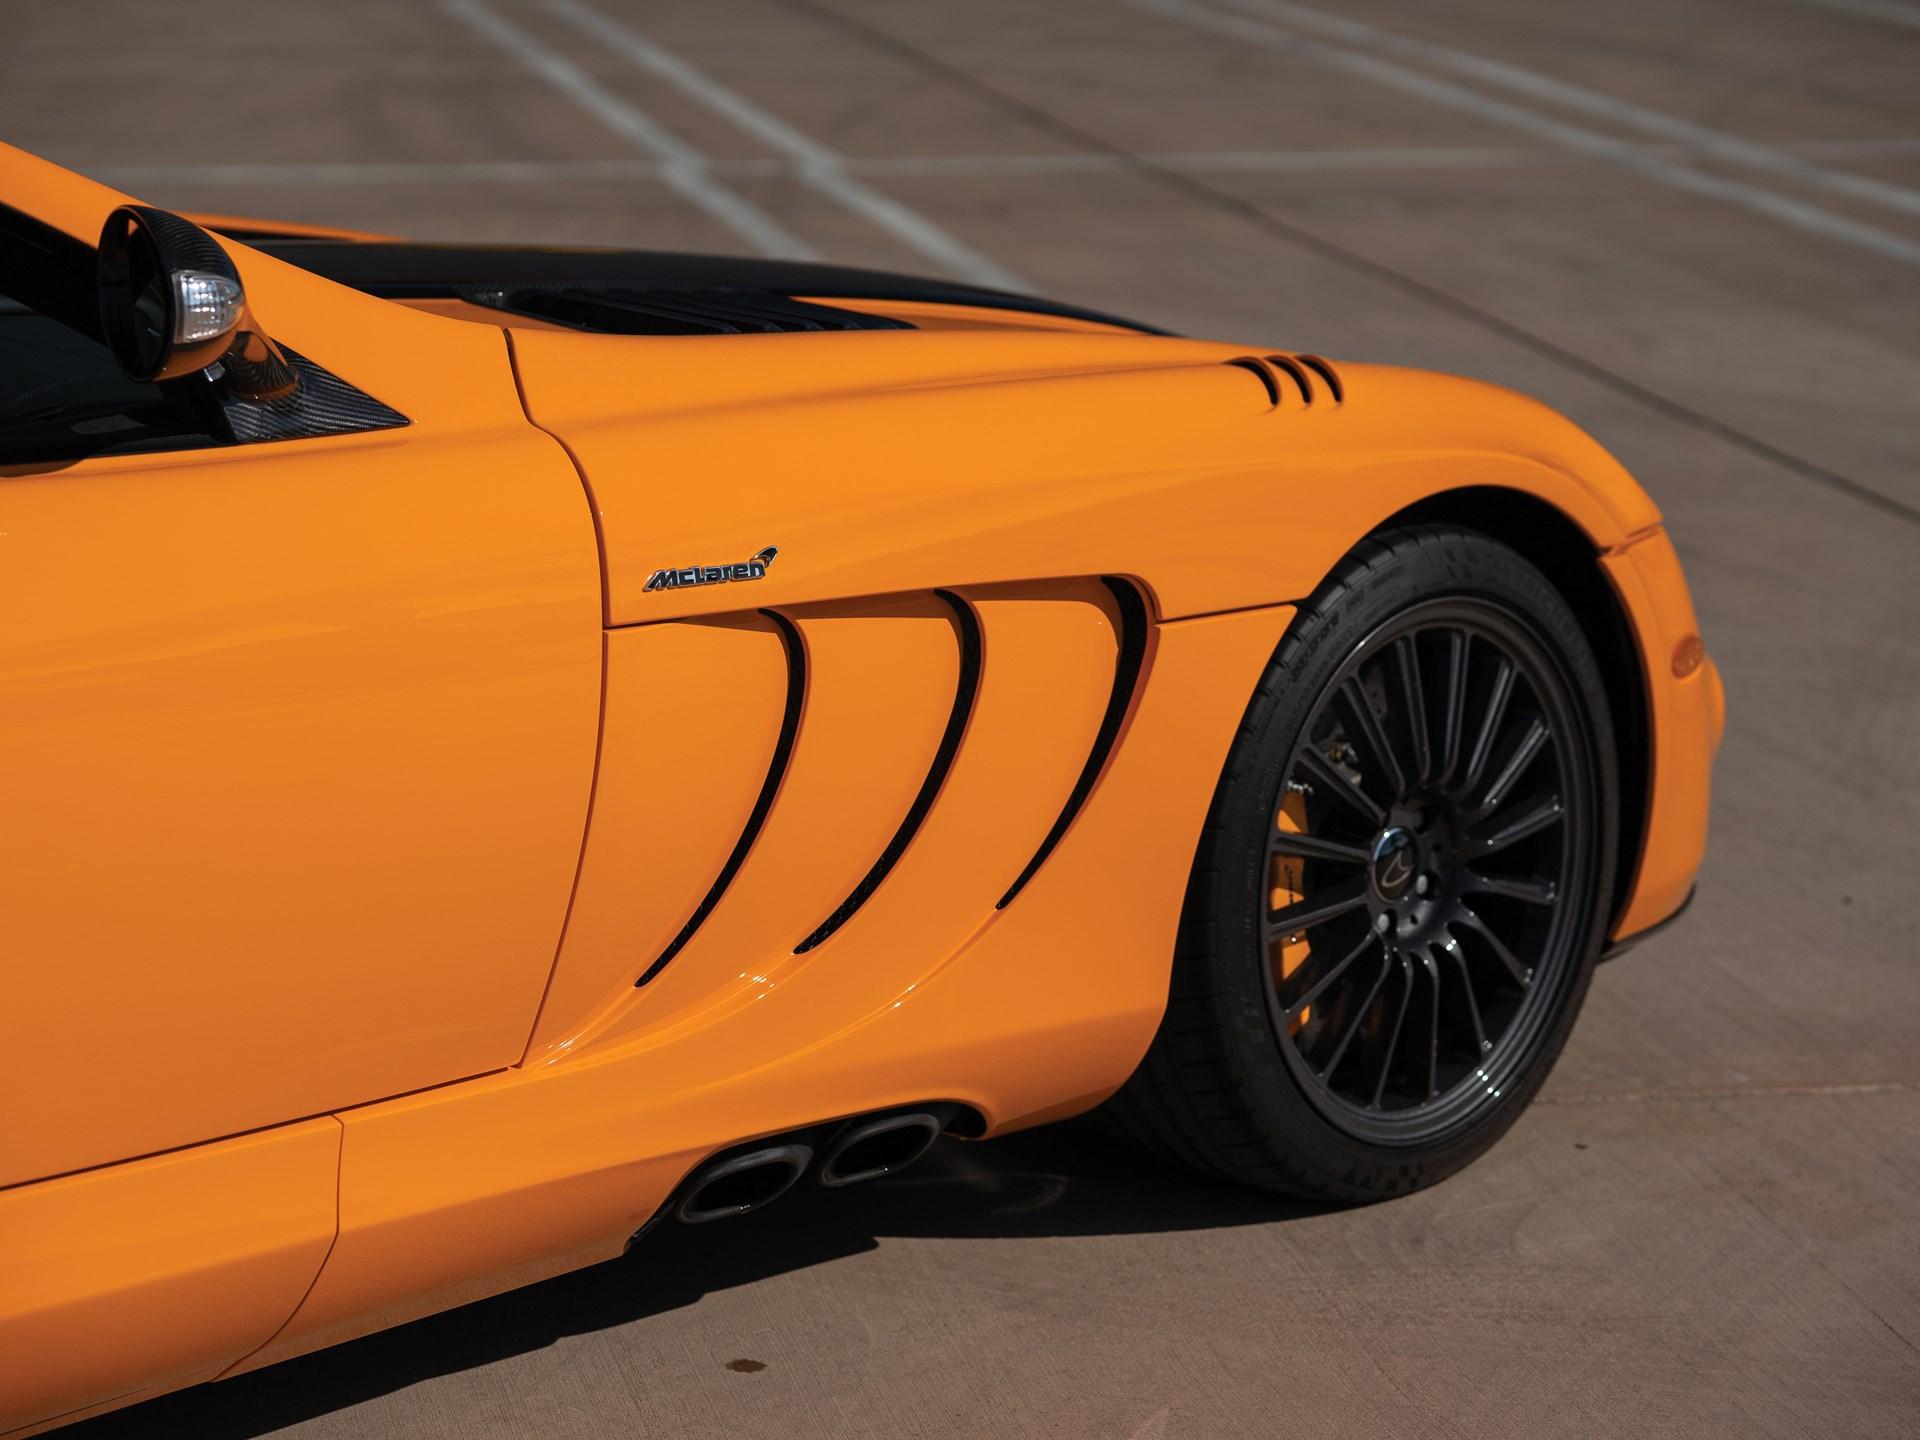 2009 Mercedes-Benz SLR McLaren 722 S Roadster 'McLaren Edition'